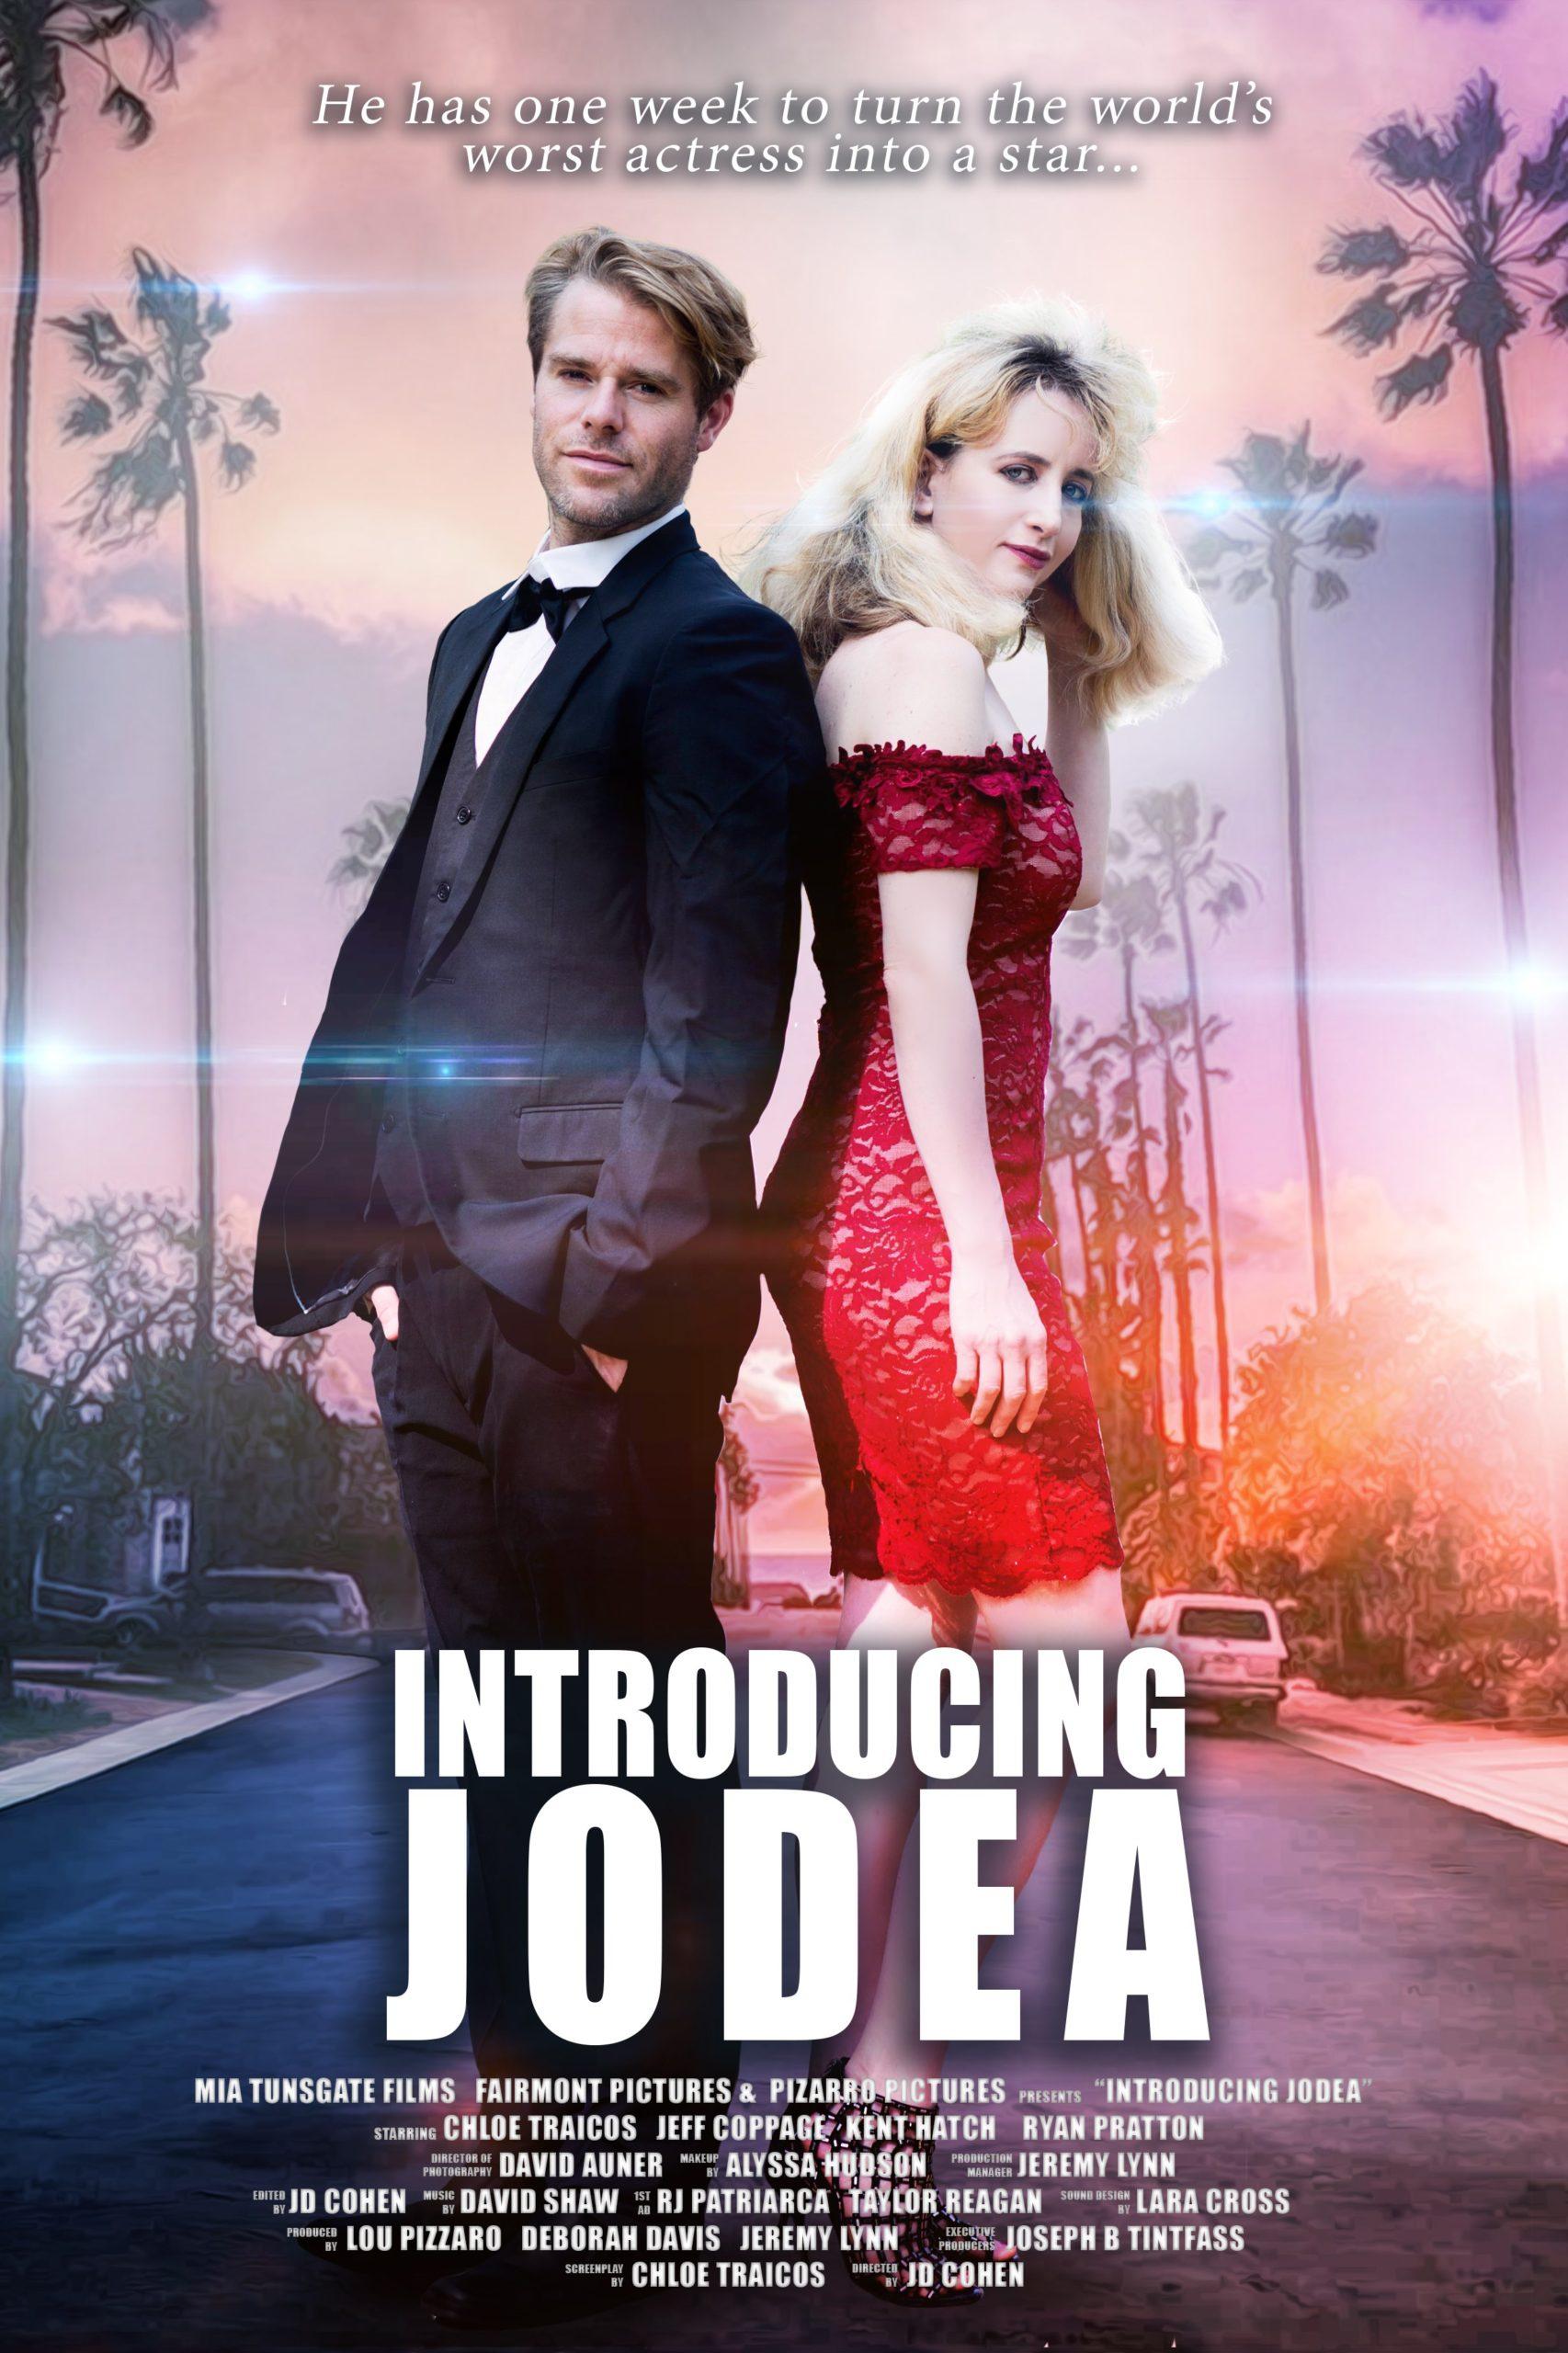 Introducing Jodea, Jodea